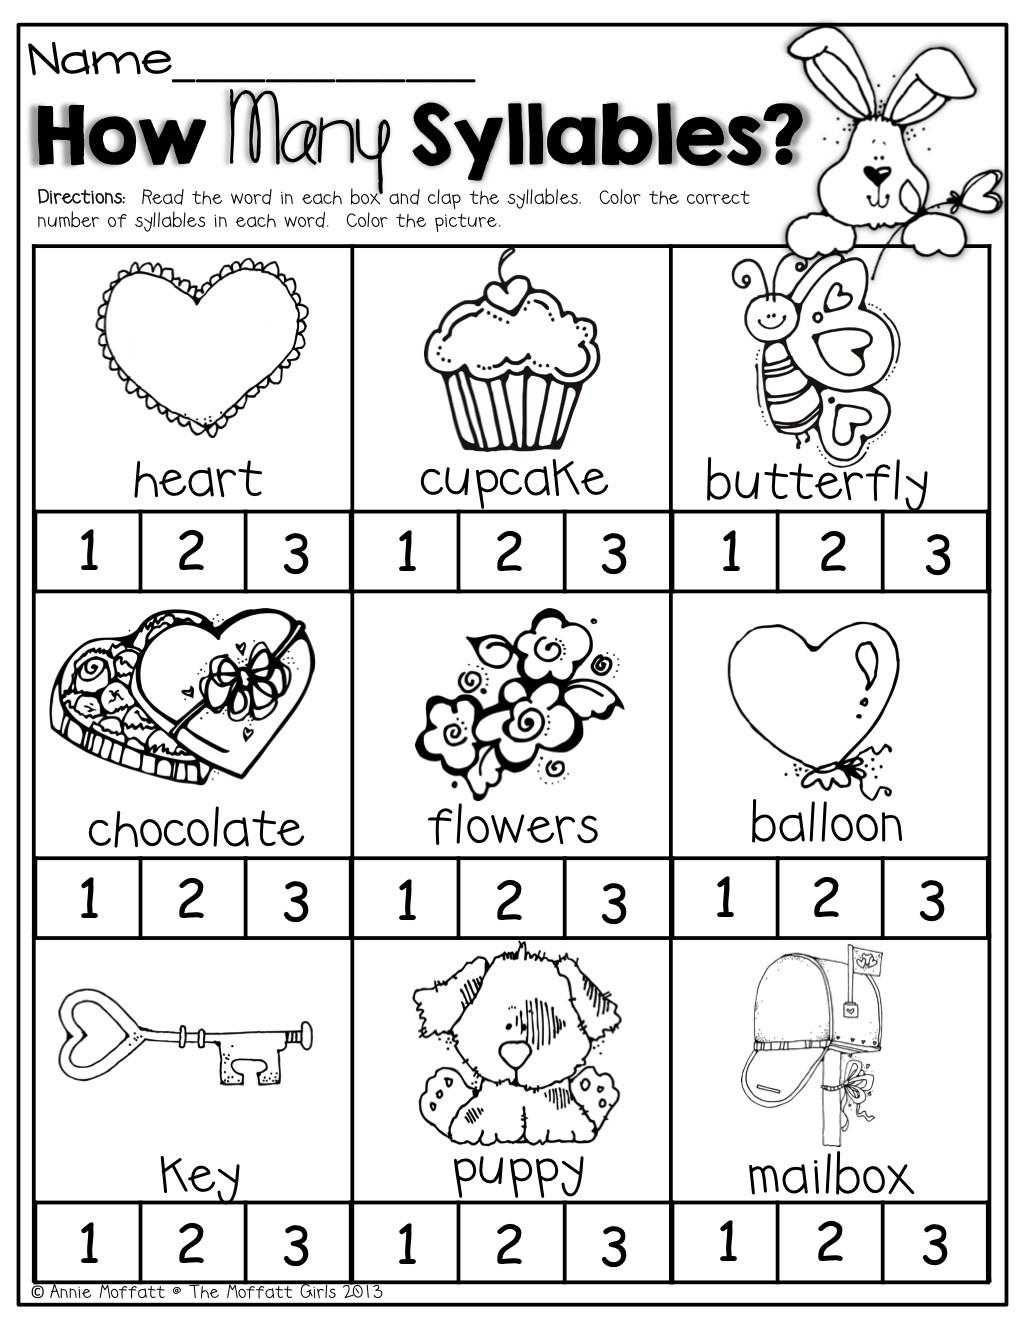 30 Syllables Worksheet For Kindergarten